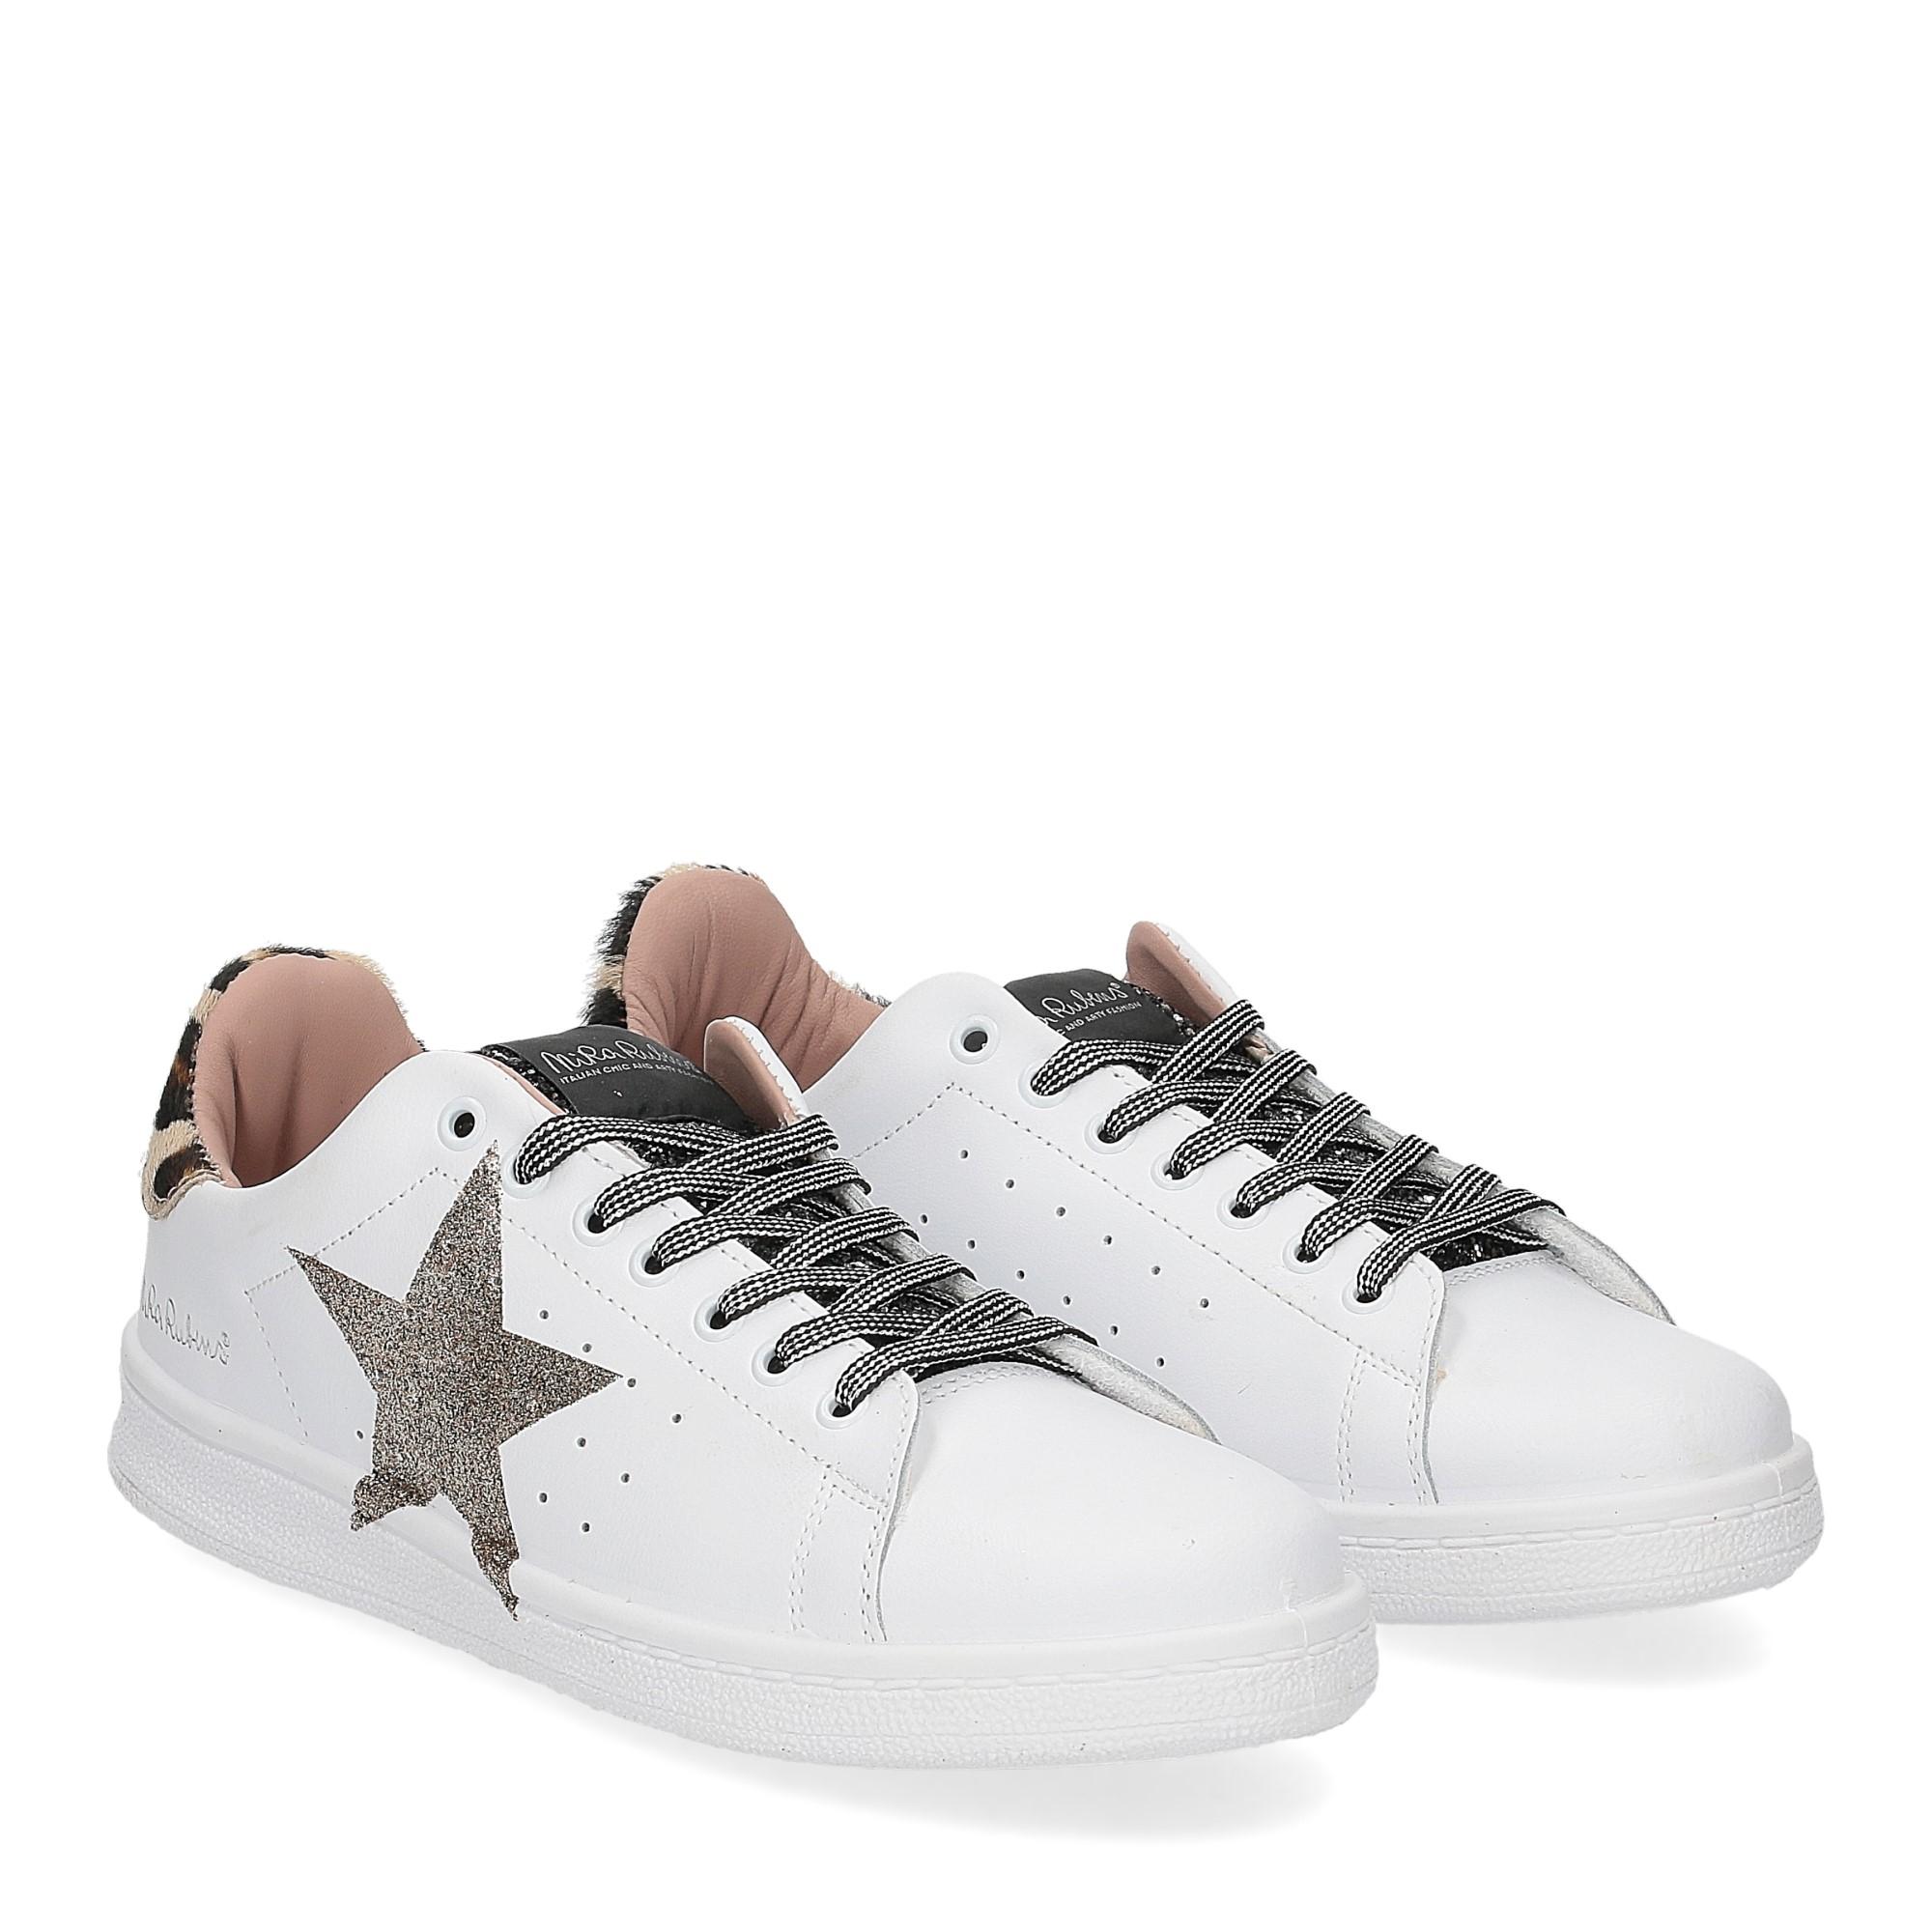 Nira Rubens Daiquiri DAST206 sneaker stella africa glitter